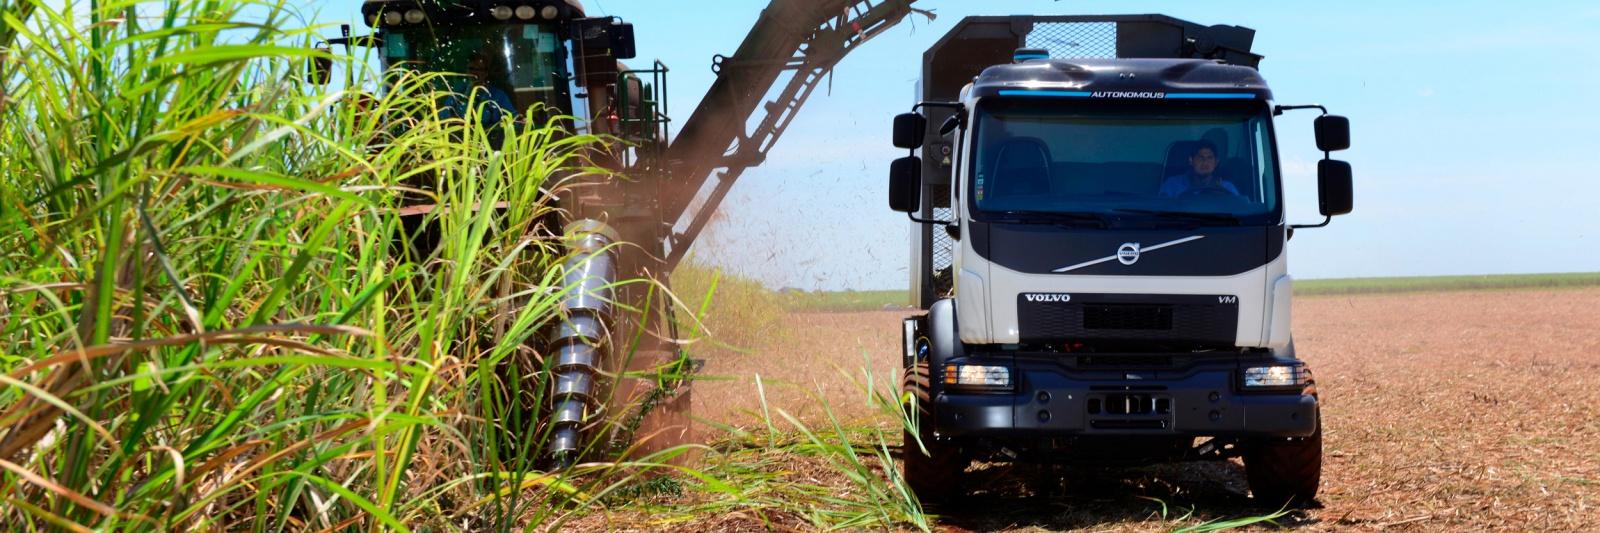 Конкуренция за будущий рынок: кто сегодня разрабатывает автономные грузовики - 5